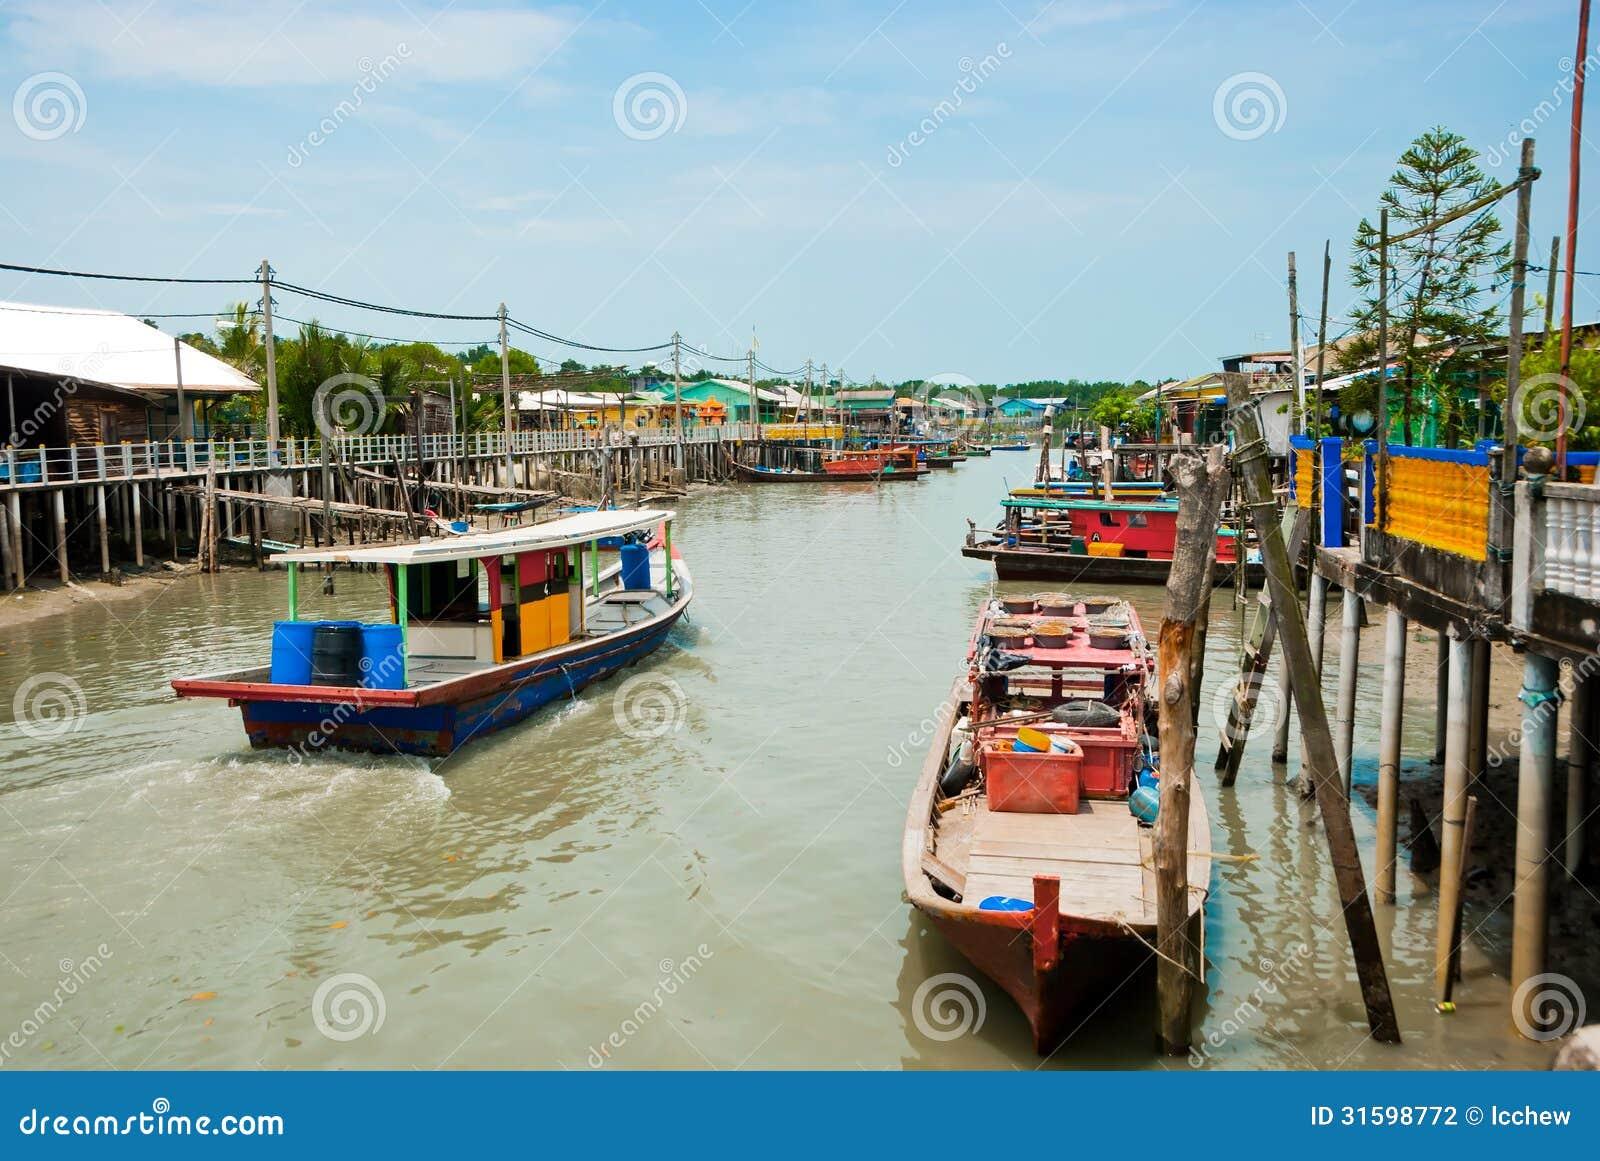 12 >> Fishing Village, Pulau Ketam, Malaysia